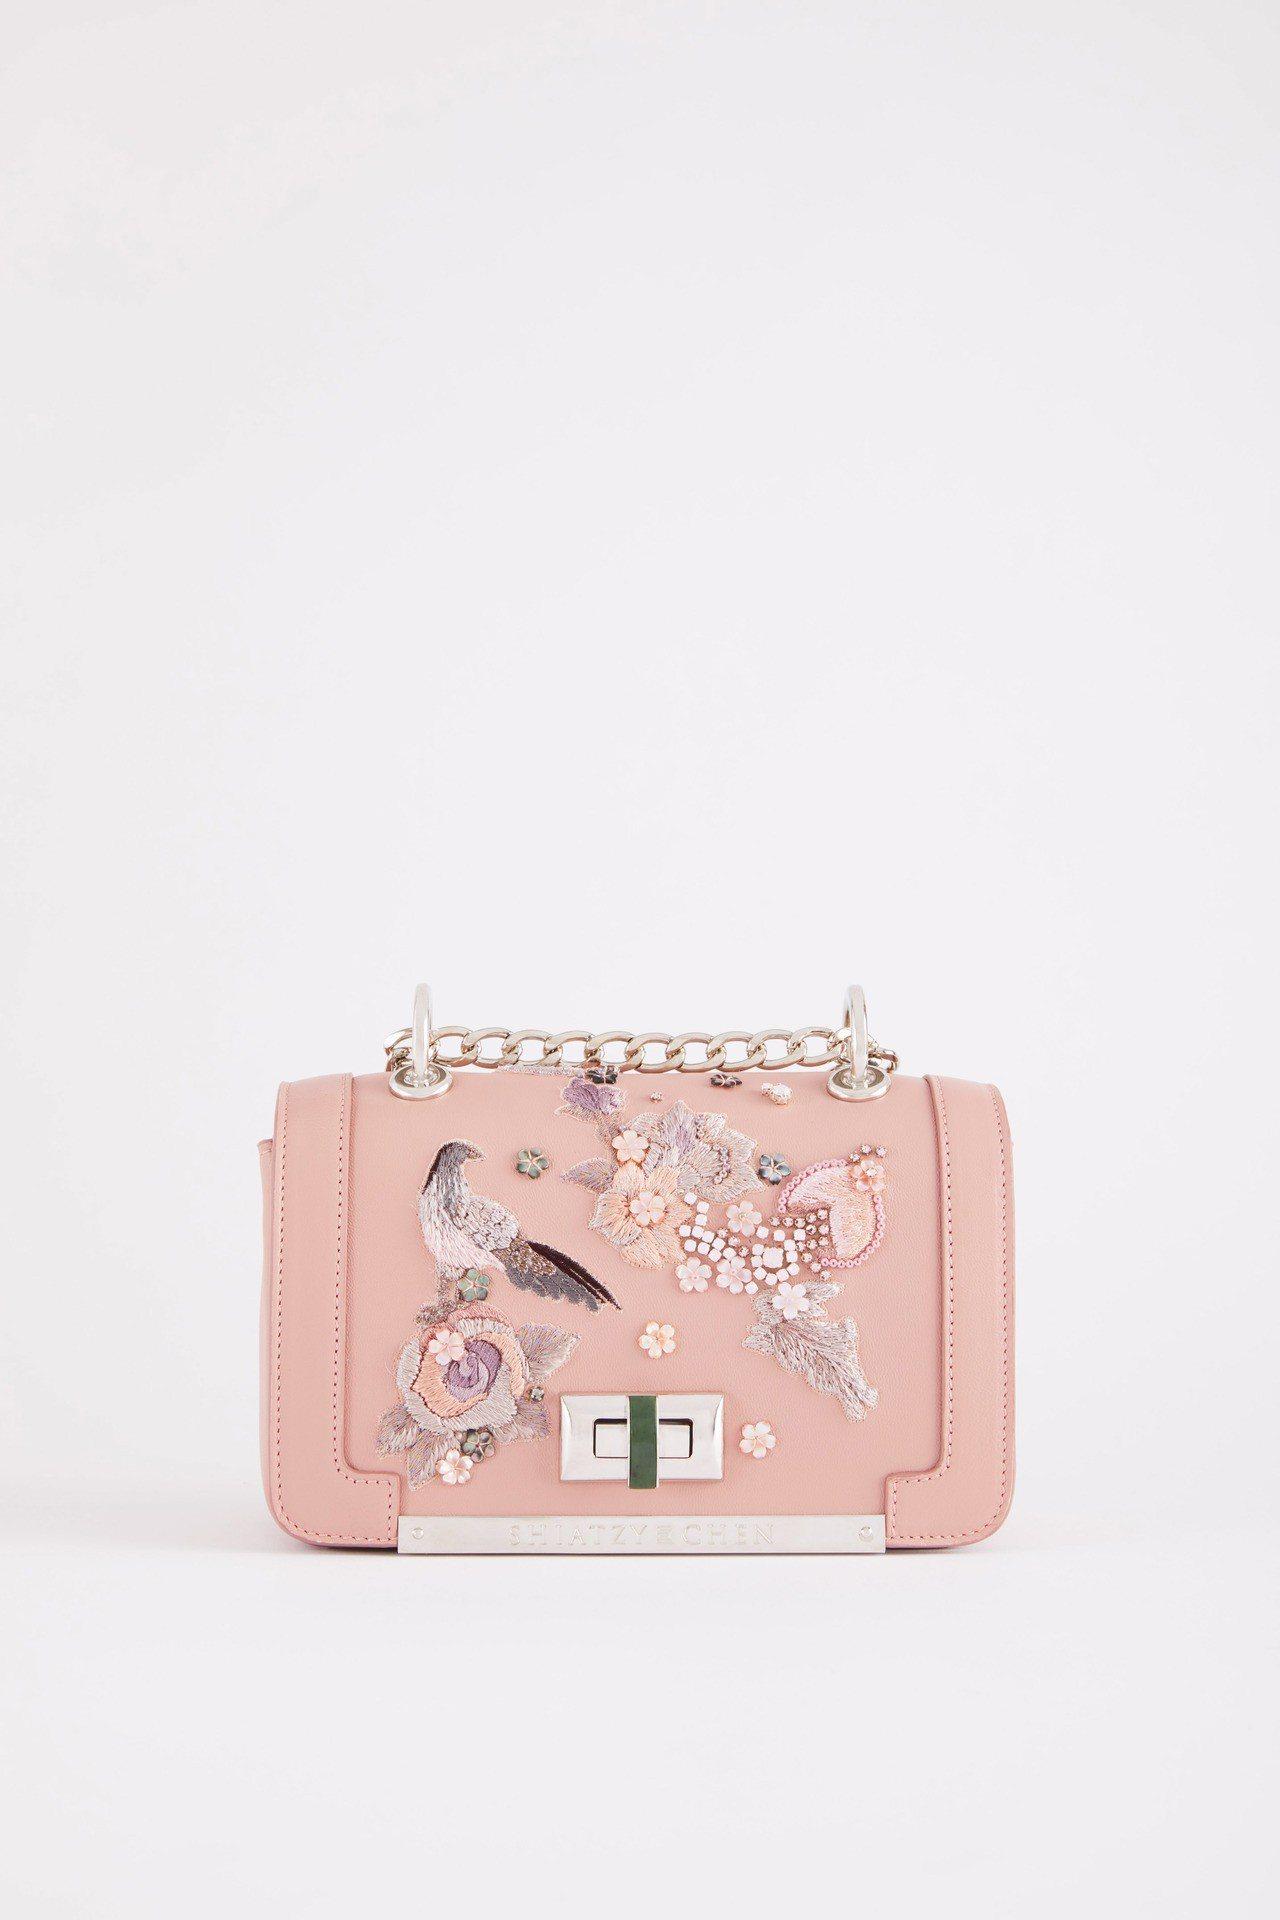 精緻刺繡2019春夏鍊帶包,售價71,800元。圖/夏姿提供